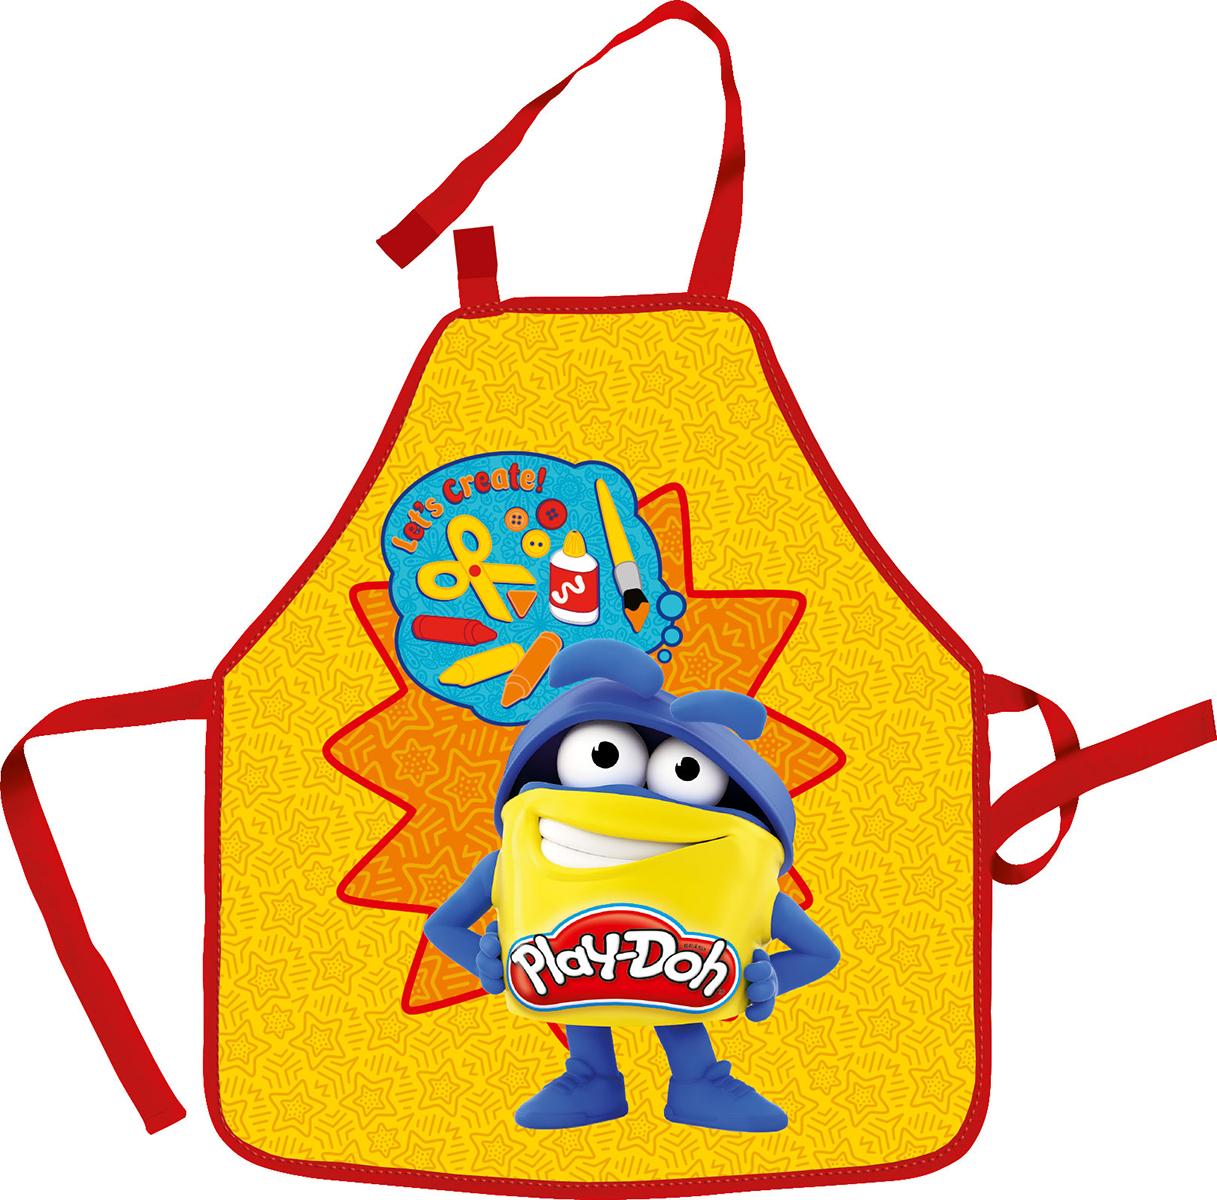 Play-Doh Фартук детский для творческих занятий72523WDФартук детский для творческих занятий с нарукавниками Play-Doh изготовлен из водостойкого материала. Его можно зафиксировать на талии и на шее с помощью специальных ремней. Ремень, предназначеный для фиксации на шее, имеет металлические приспособления для регулировки длины. В комплекте предусмотрены нарукавники из плащевой ткани. Они фиксируются резинками сверху и снизу. Размеры: 51 х 44 см (фартук), 11 х 25 см (нарукавники).